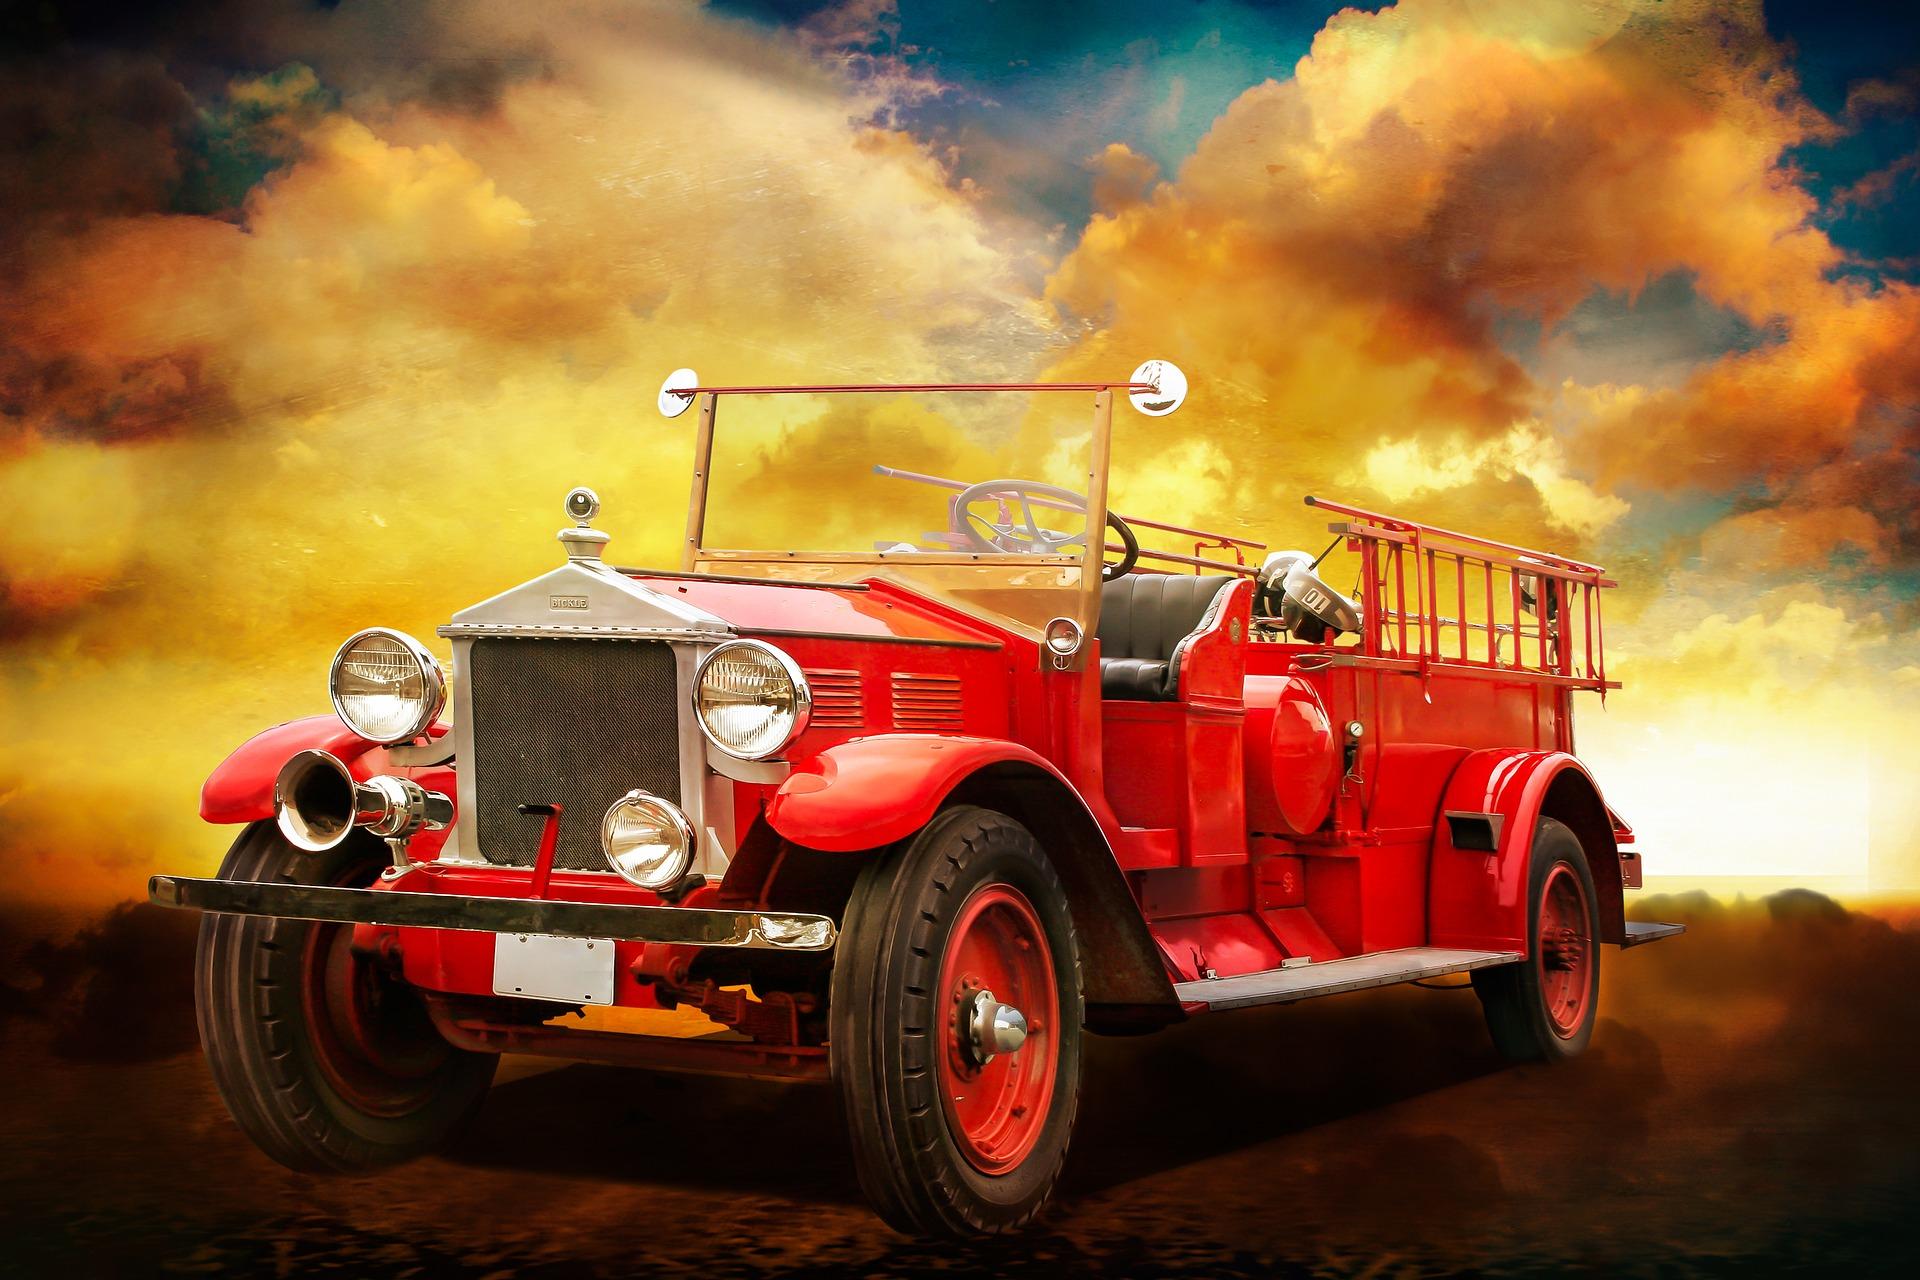 vehicles-2725877_1920